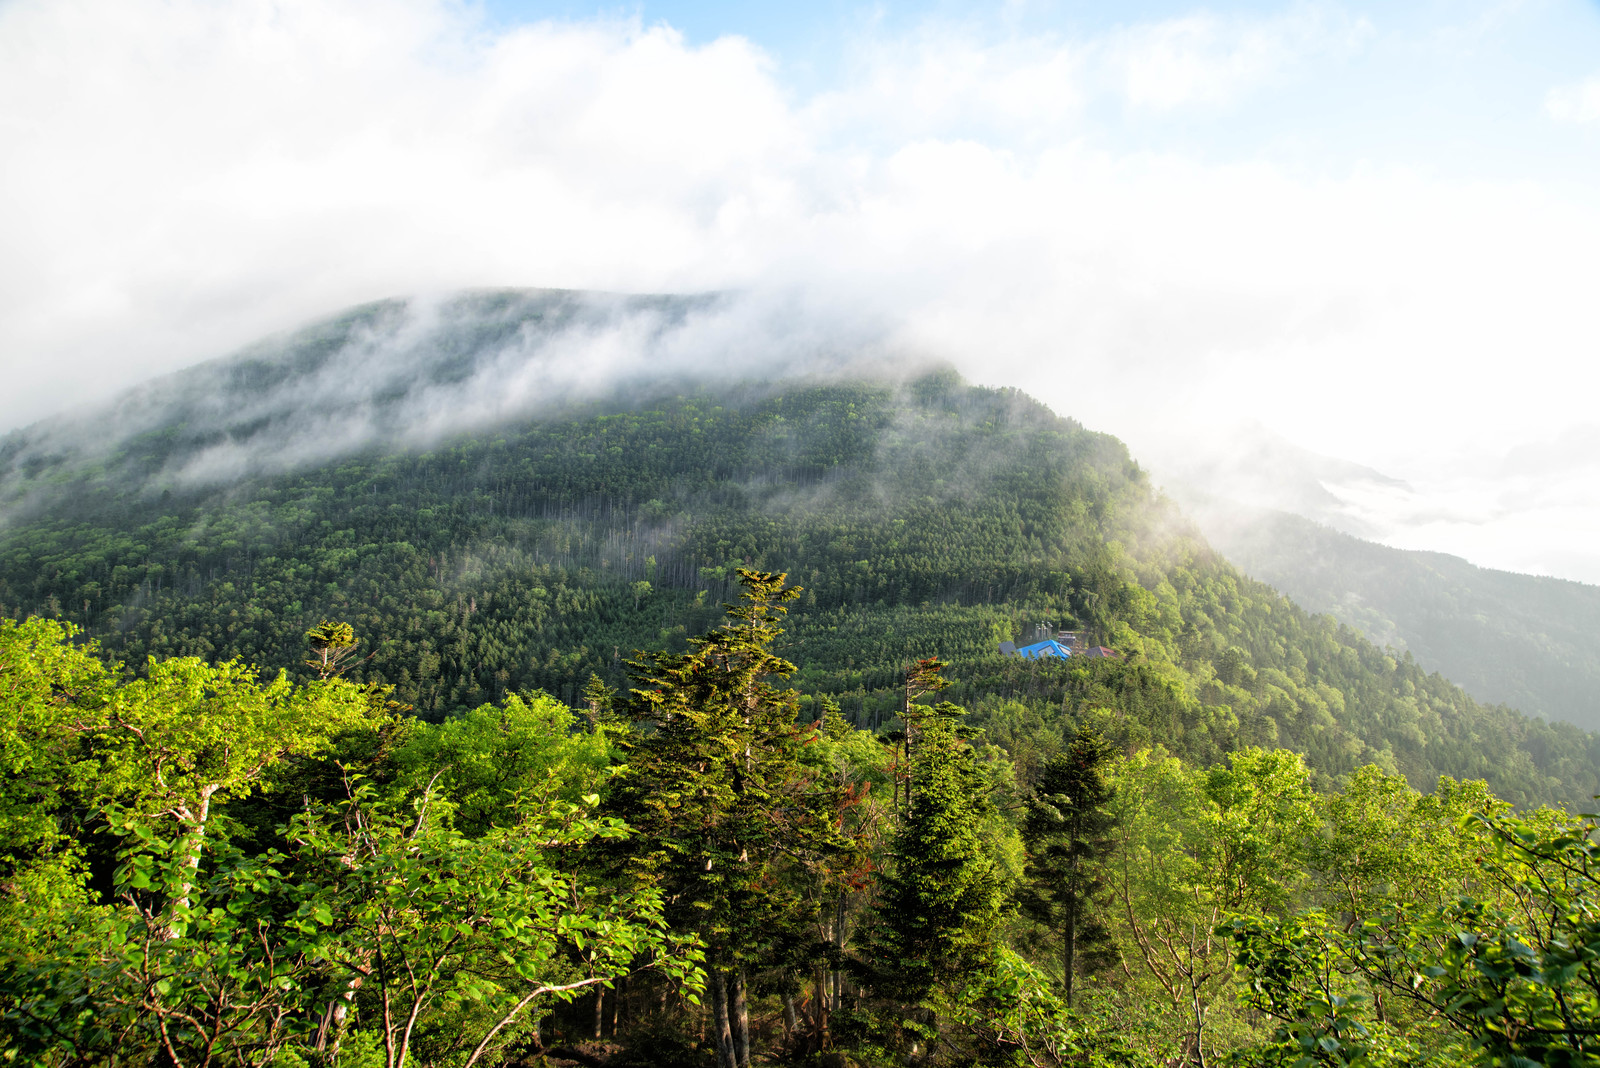 「霧に包まれた八ヶ岳の森と本沢温泉」の写真